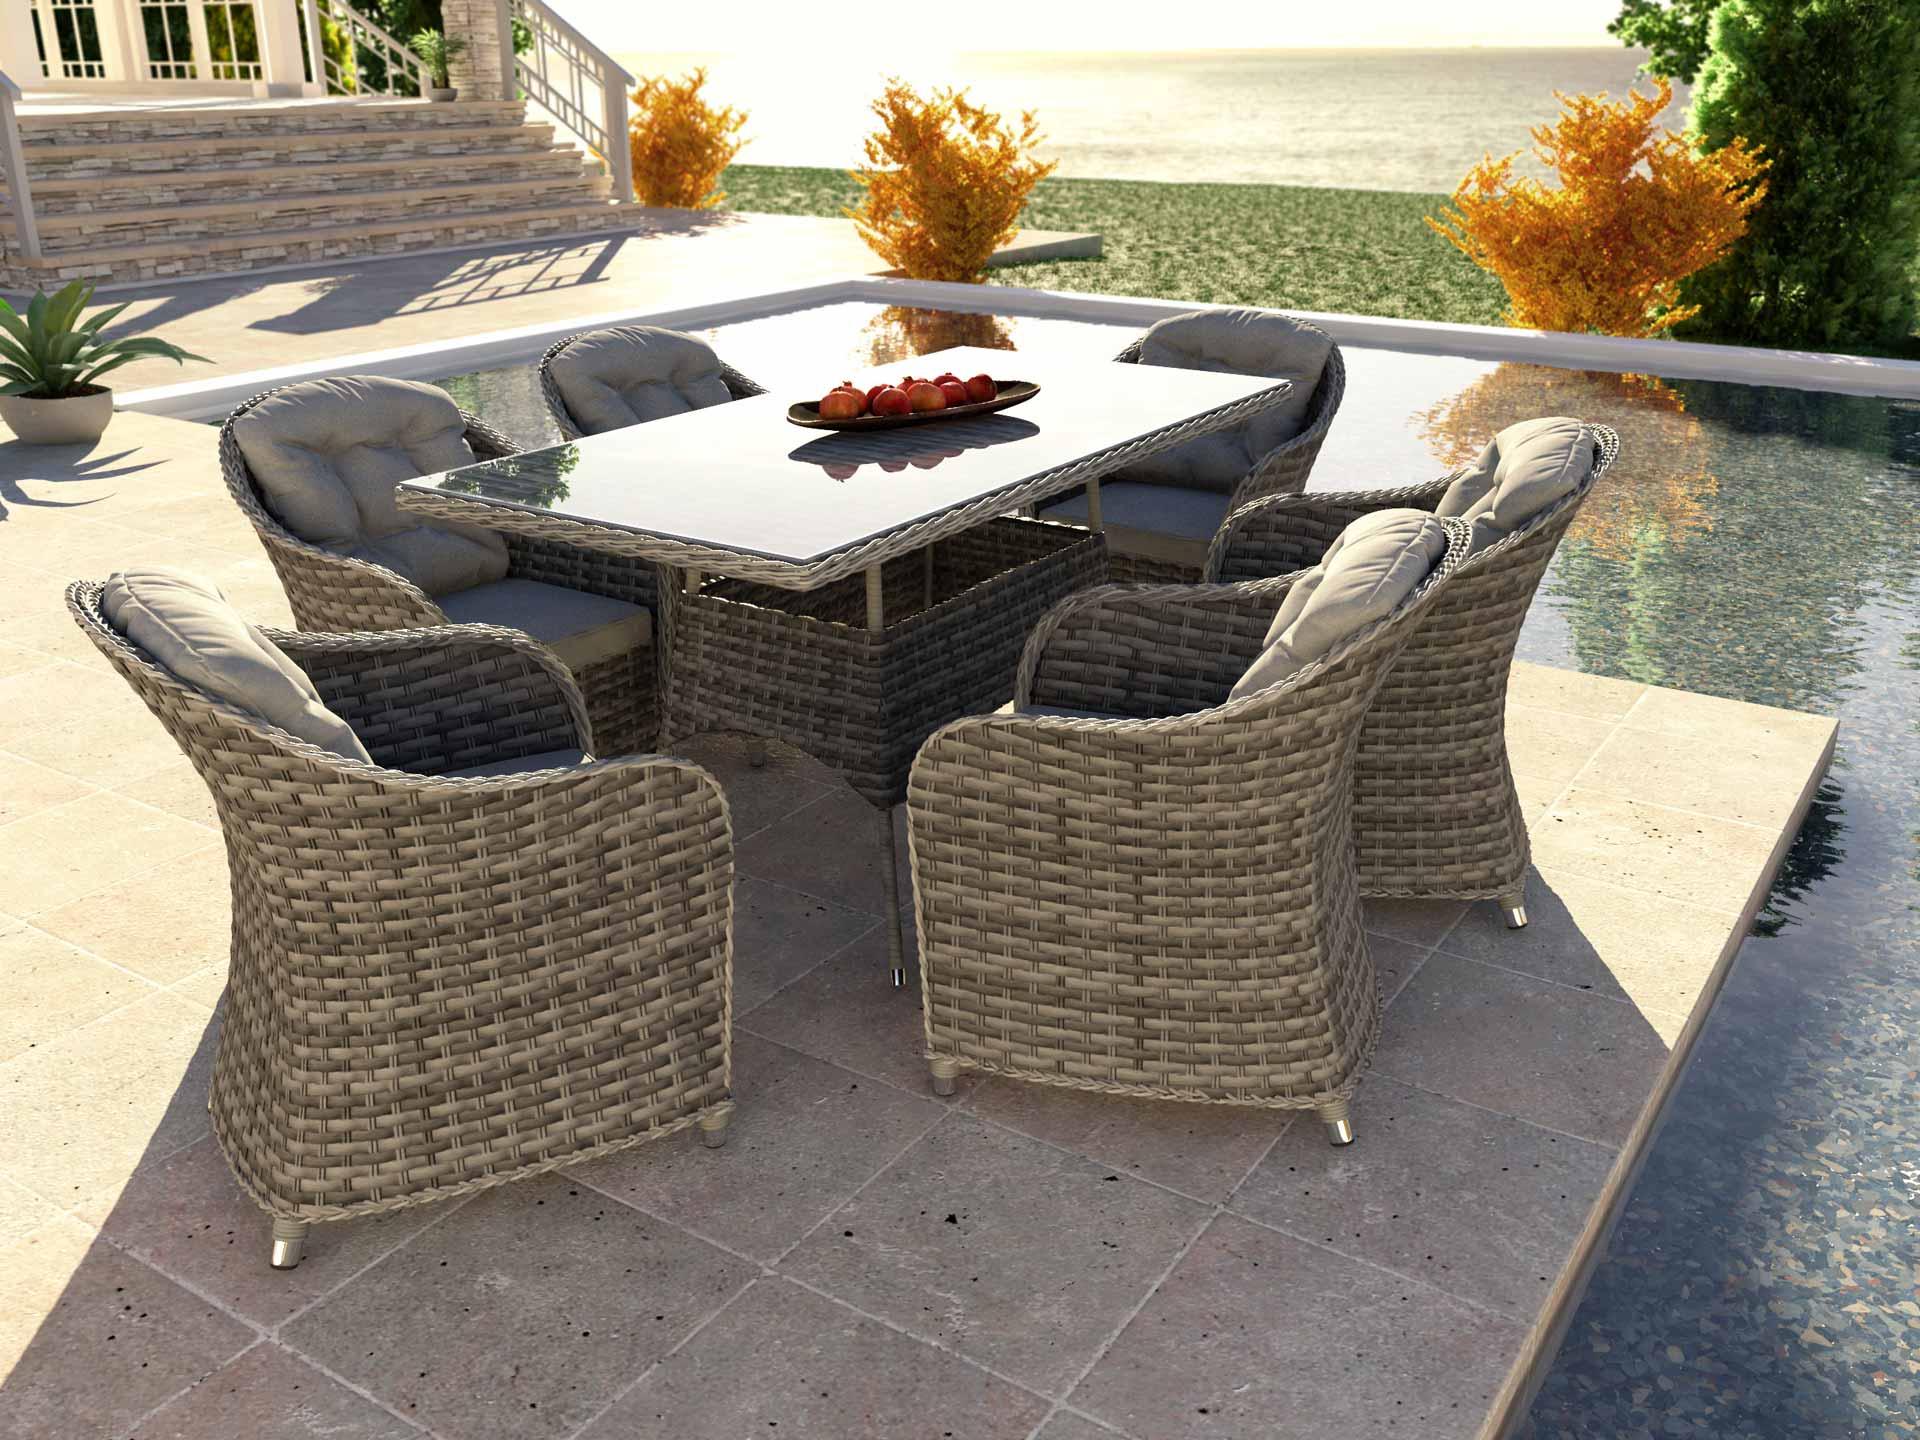 artelia rattan essgruppe ocean line velia l f r 6 personen mit tisch und st hlen aus polyrattan. Black Bedroom Furniture Sets. Home Design Ideas